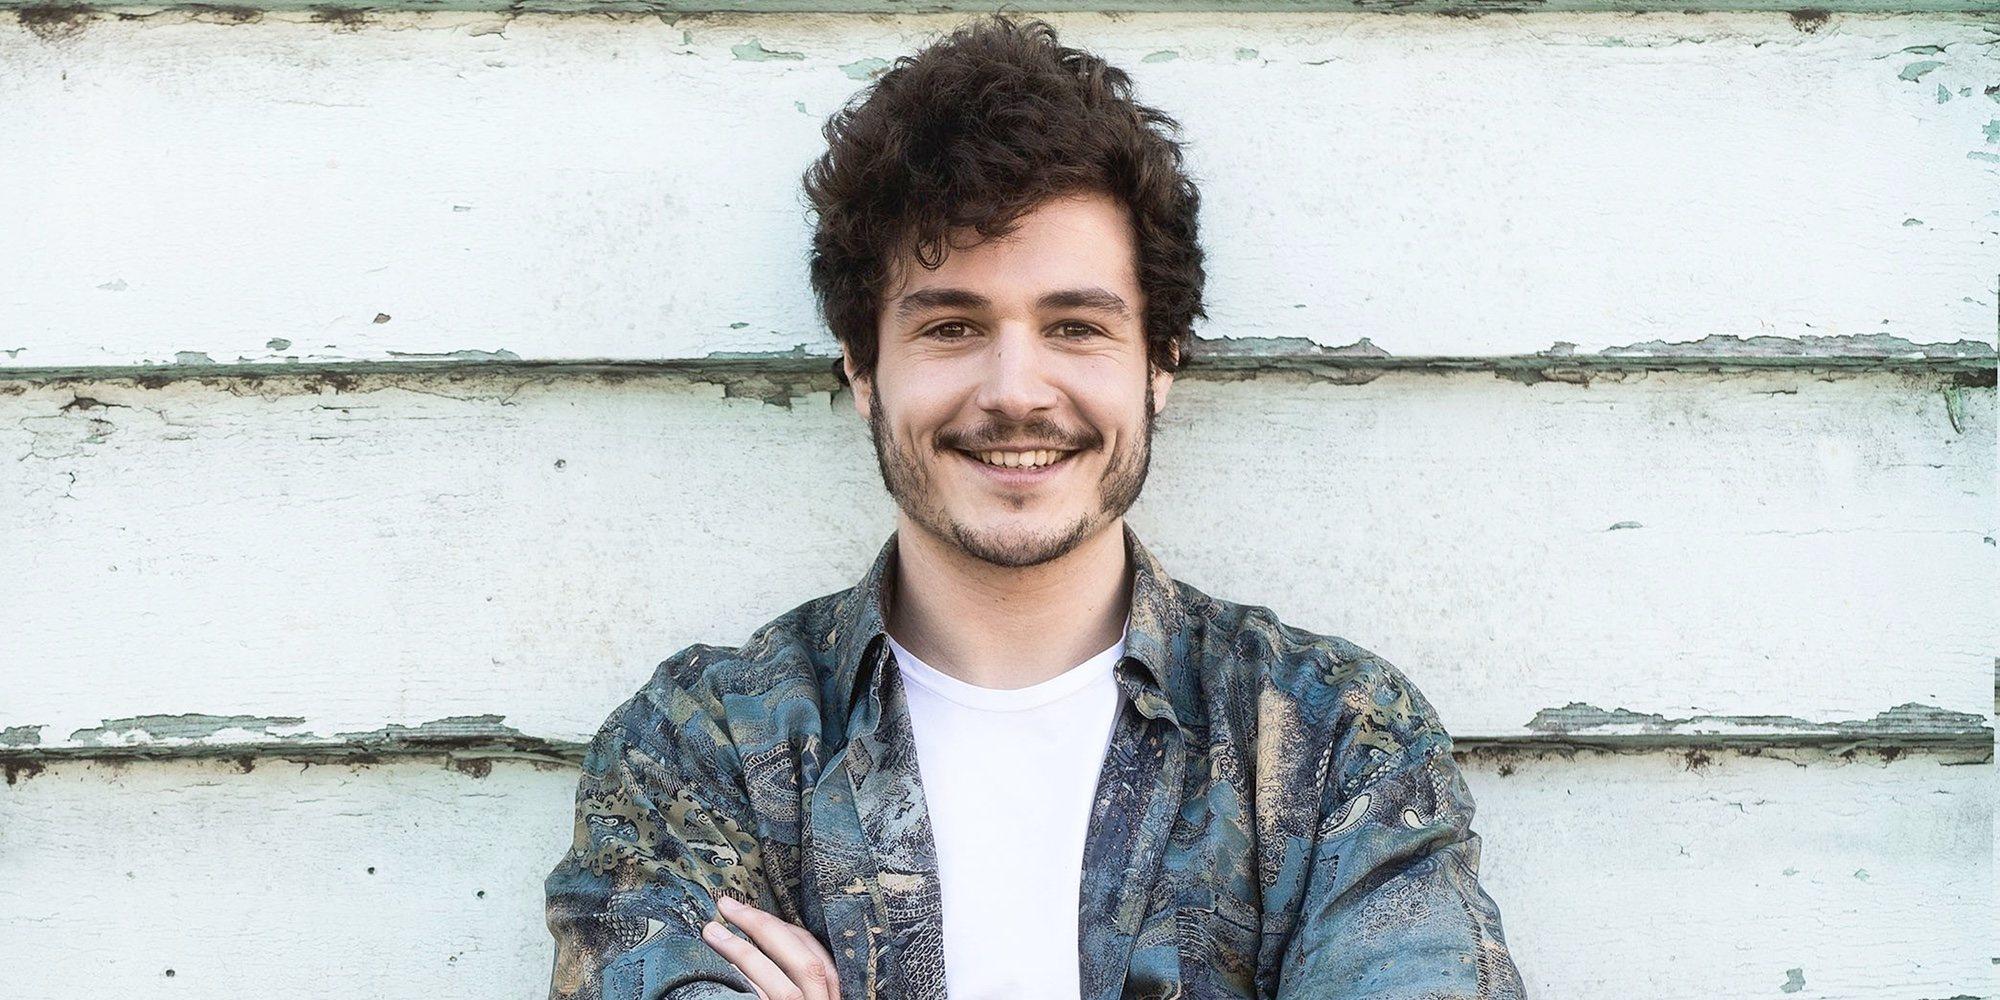 """Miki Núñez: """"Mi primer disco es alegre y movido. Mi estilo musical se refleja en 'La venda' y 'Celébrate'"""""""